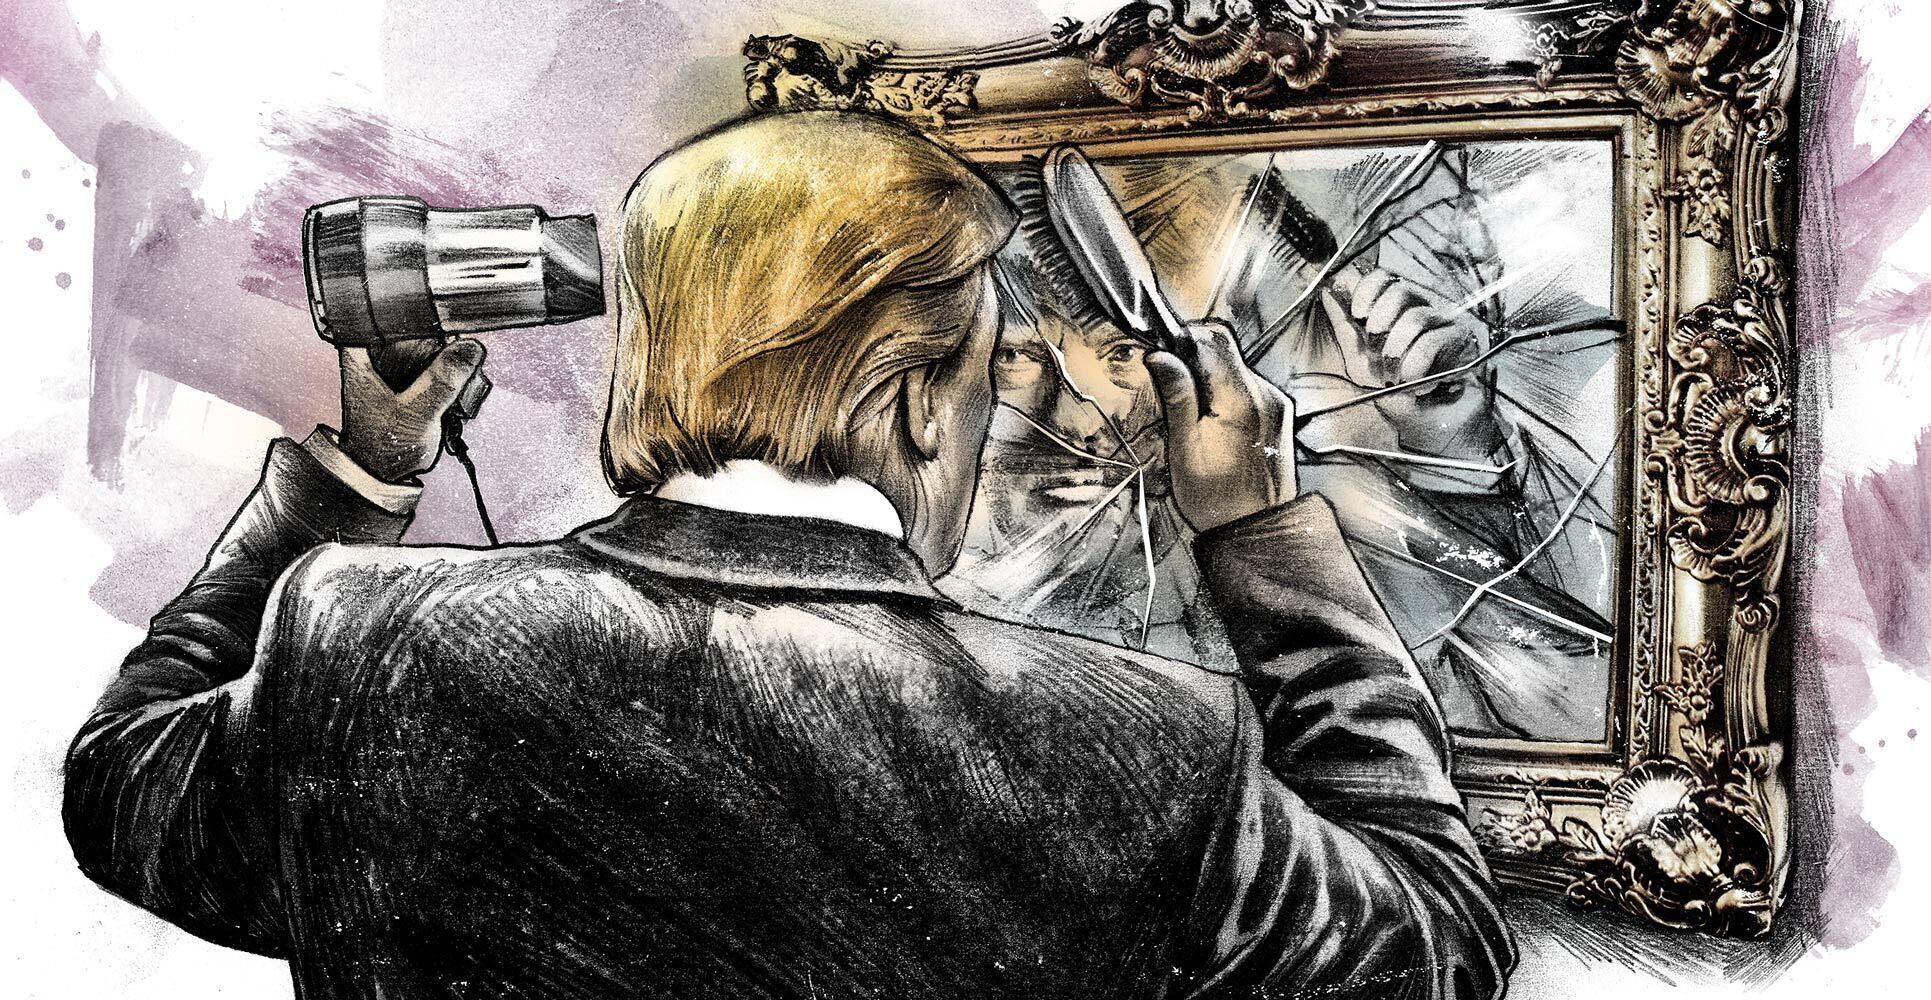 Donald Trump broken mirror editorial illustration - Kornel Illustration | Kornel Stadler portfolio